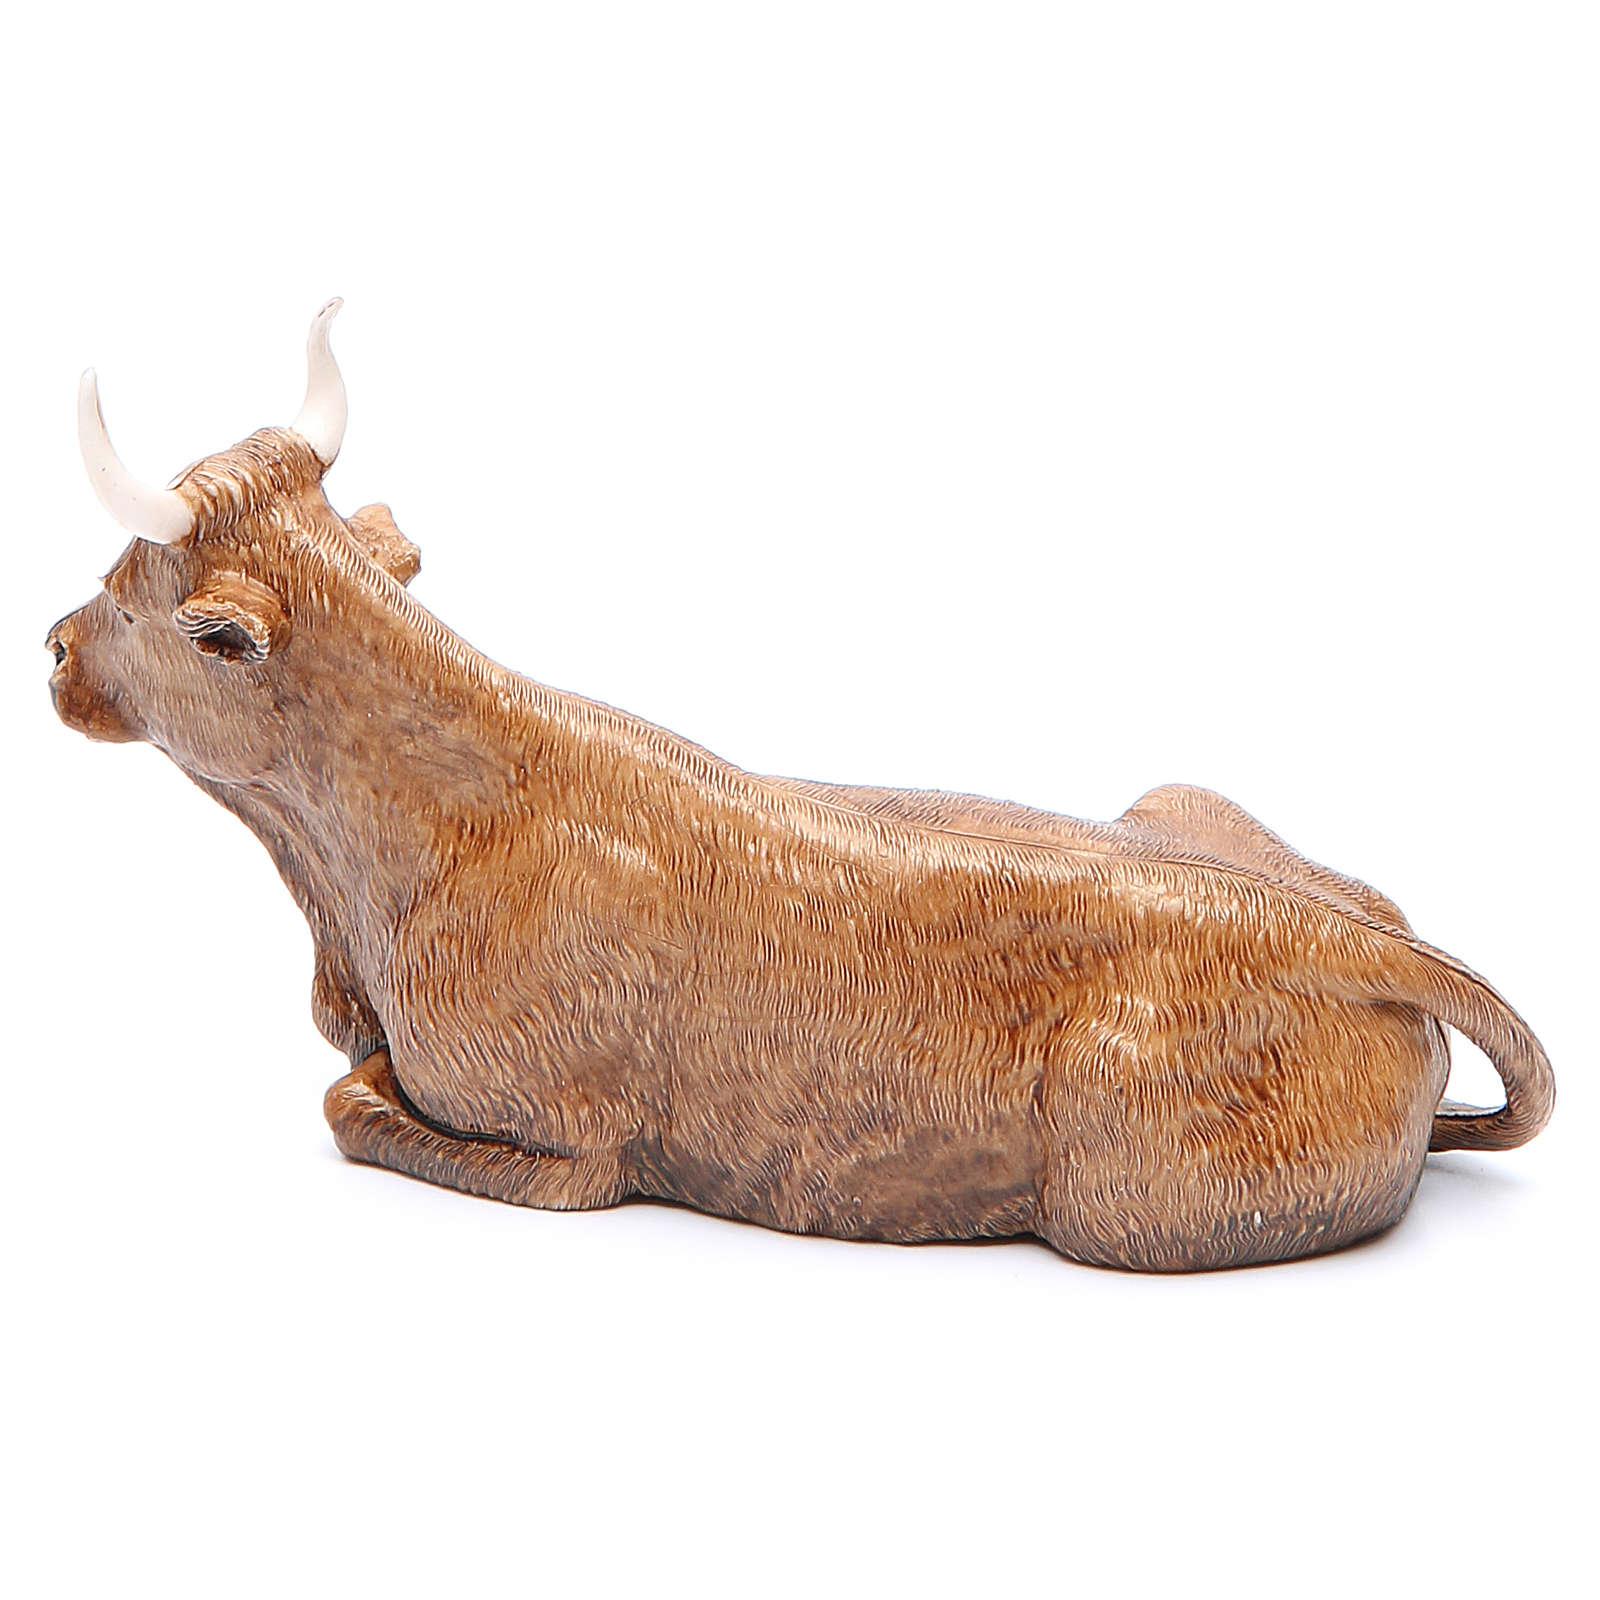 Ox measuring 12cm by Moranduzzo nativity scene 4